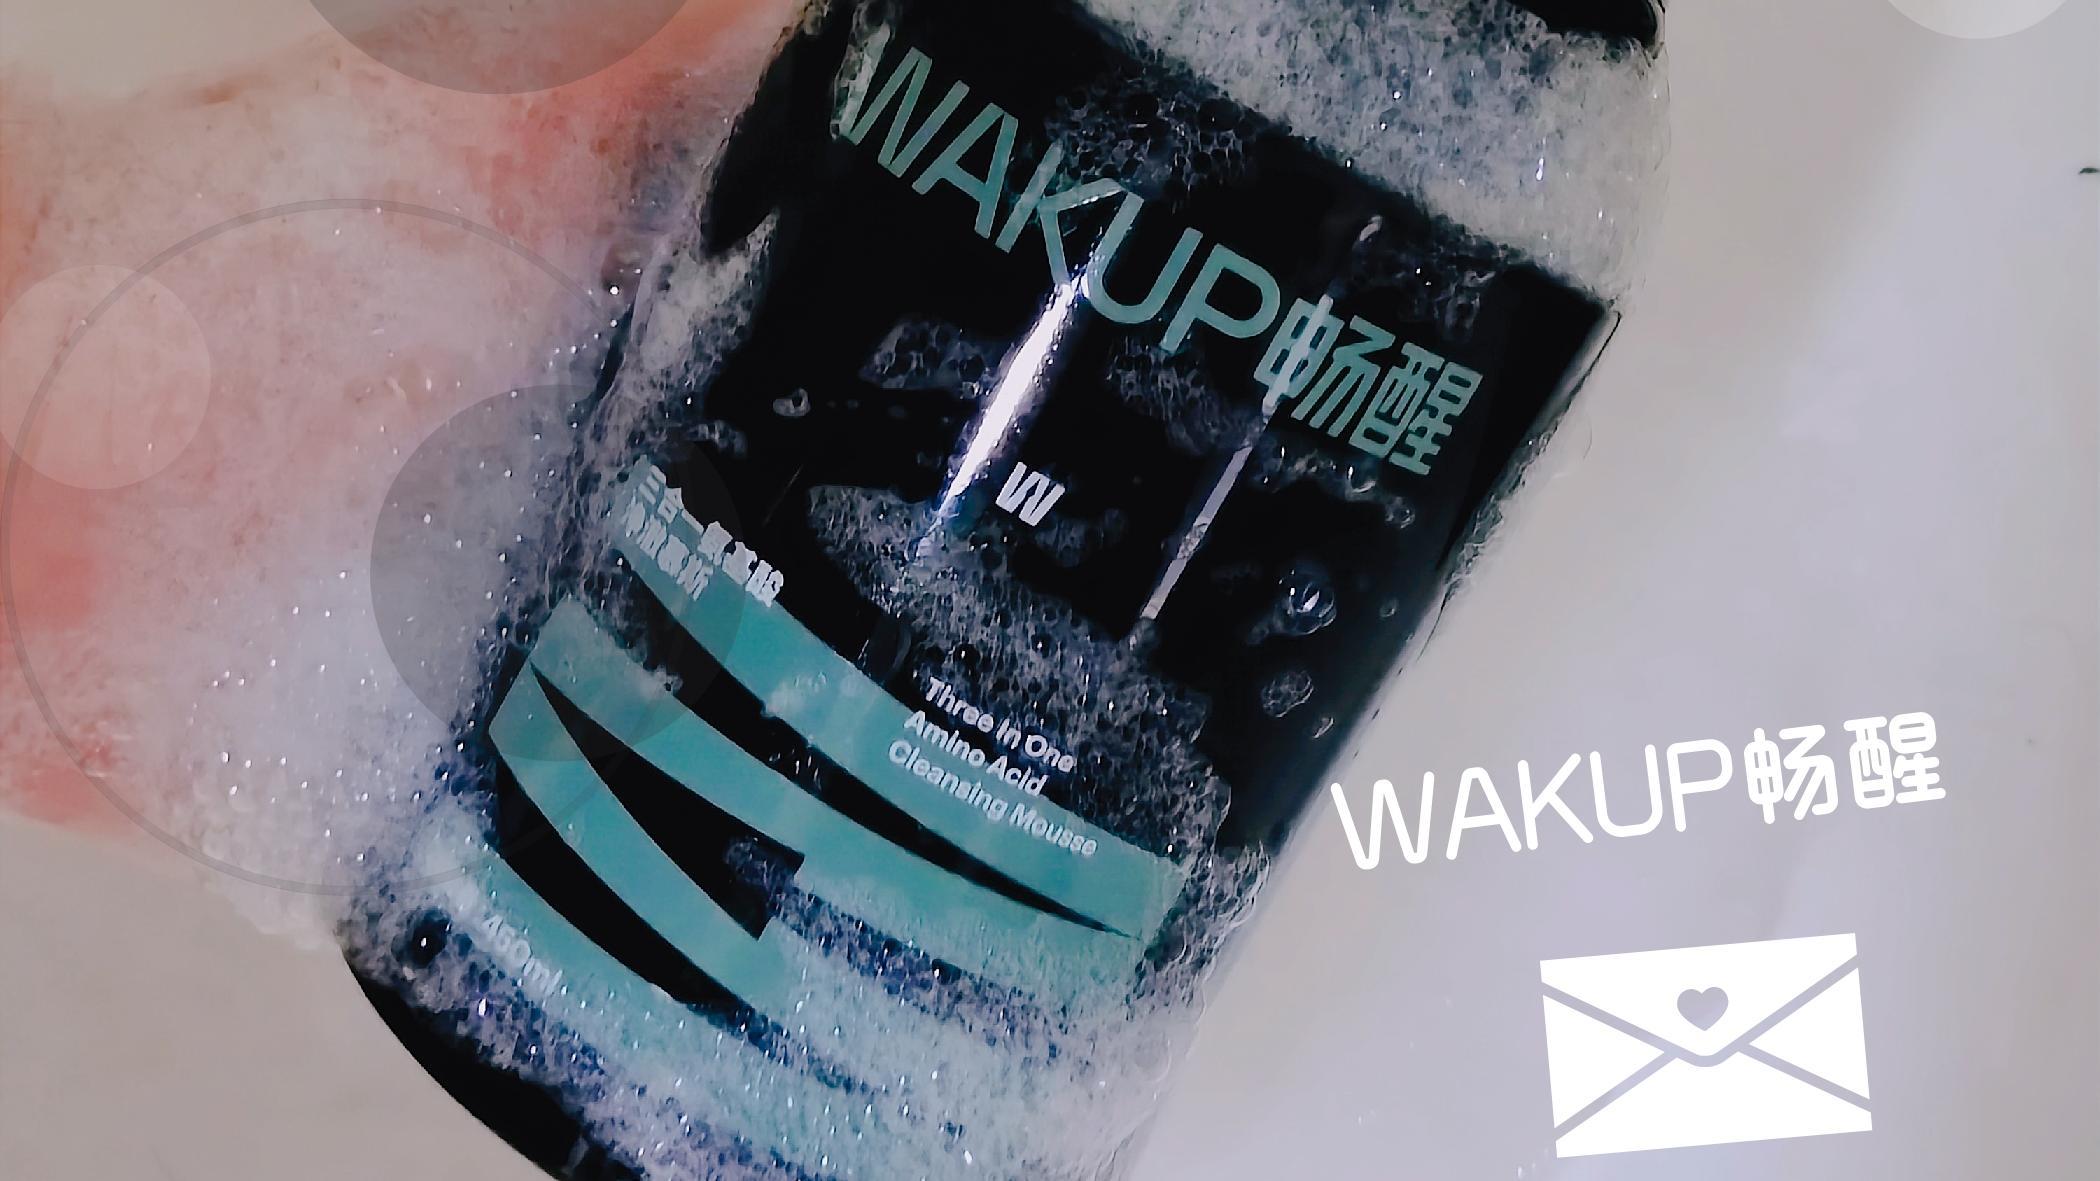 畅醒三合一氨基酸净澈慕斯,给予身体更好的肌肤体验